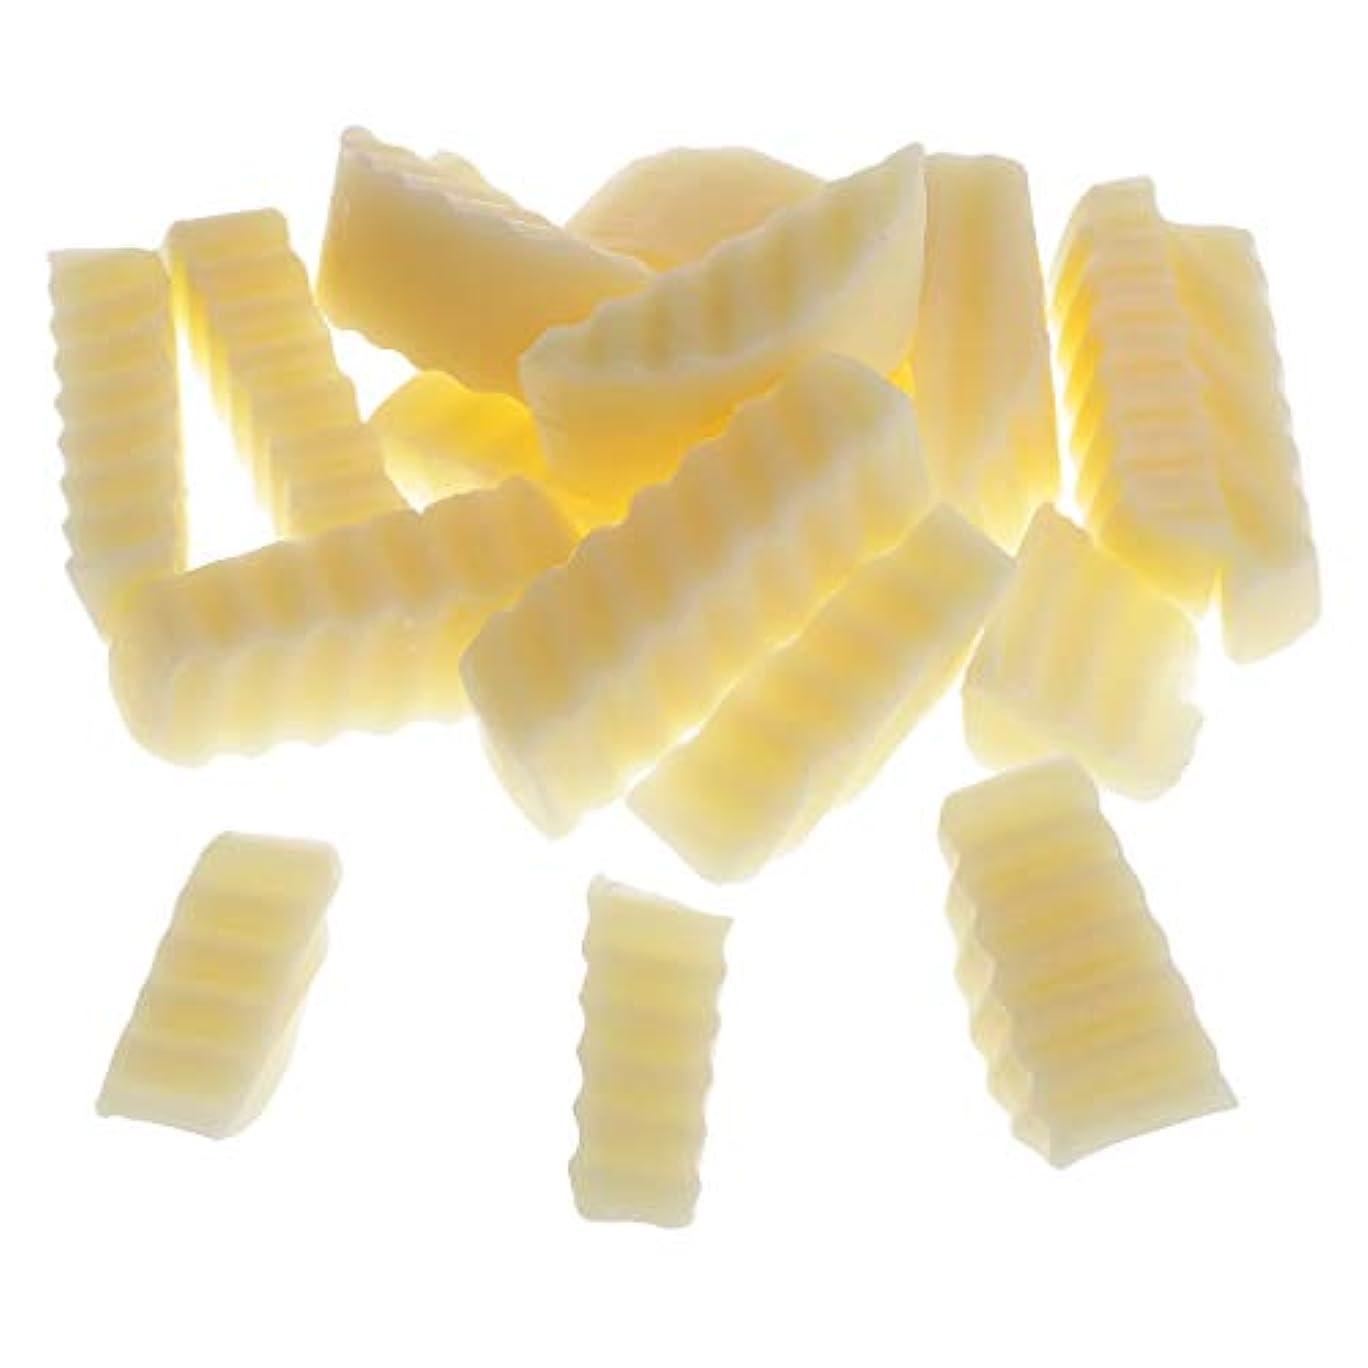 悲しいましい先FLAMEER ラノリン石鹸 自然な素材 DIY手作り 石鹸 固形せっけん 約250g /パック 高品質